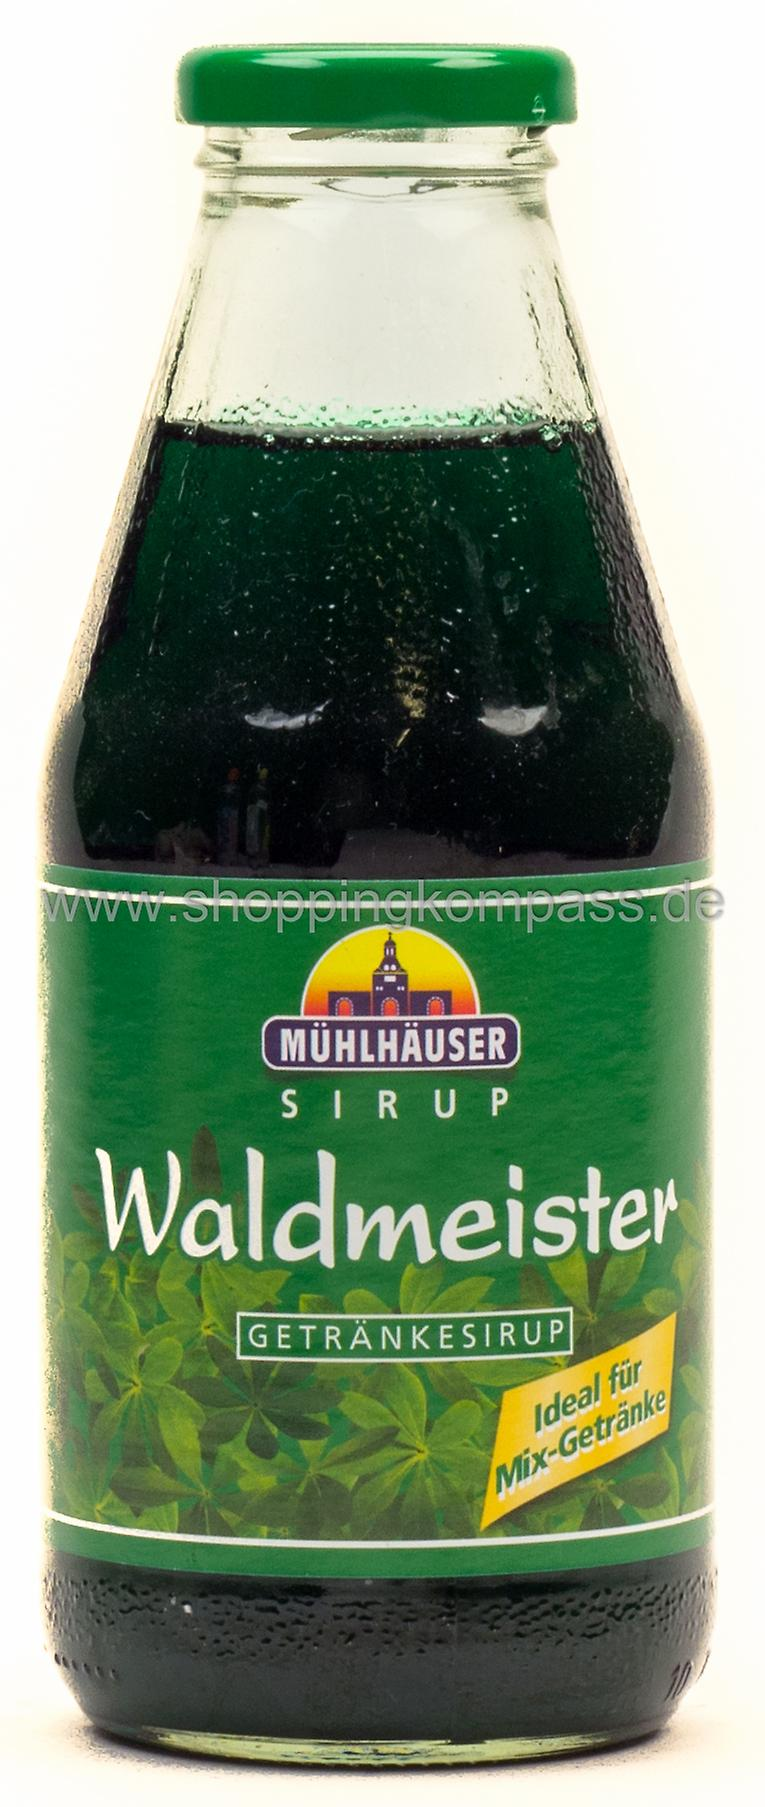 Sirup - Mühlhäuser Getränkesirup Waldmeister 0,5 l Glas - Ihr ...